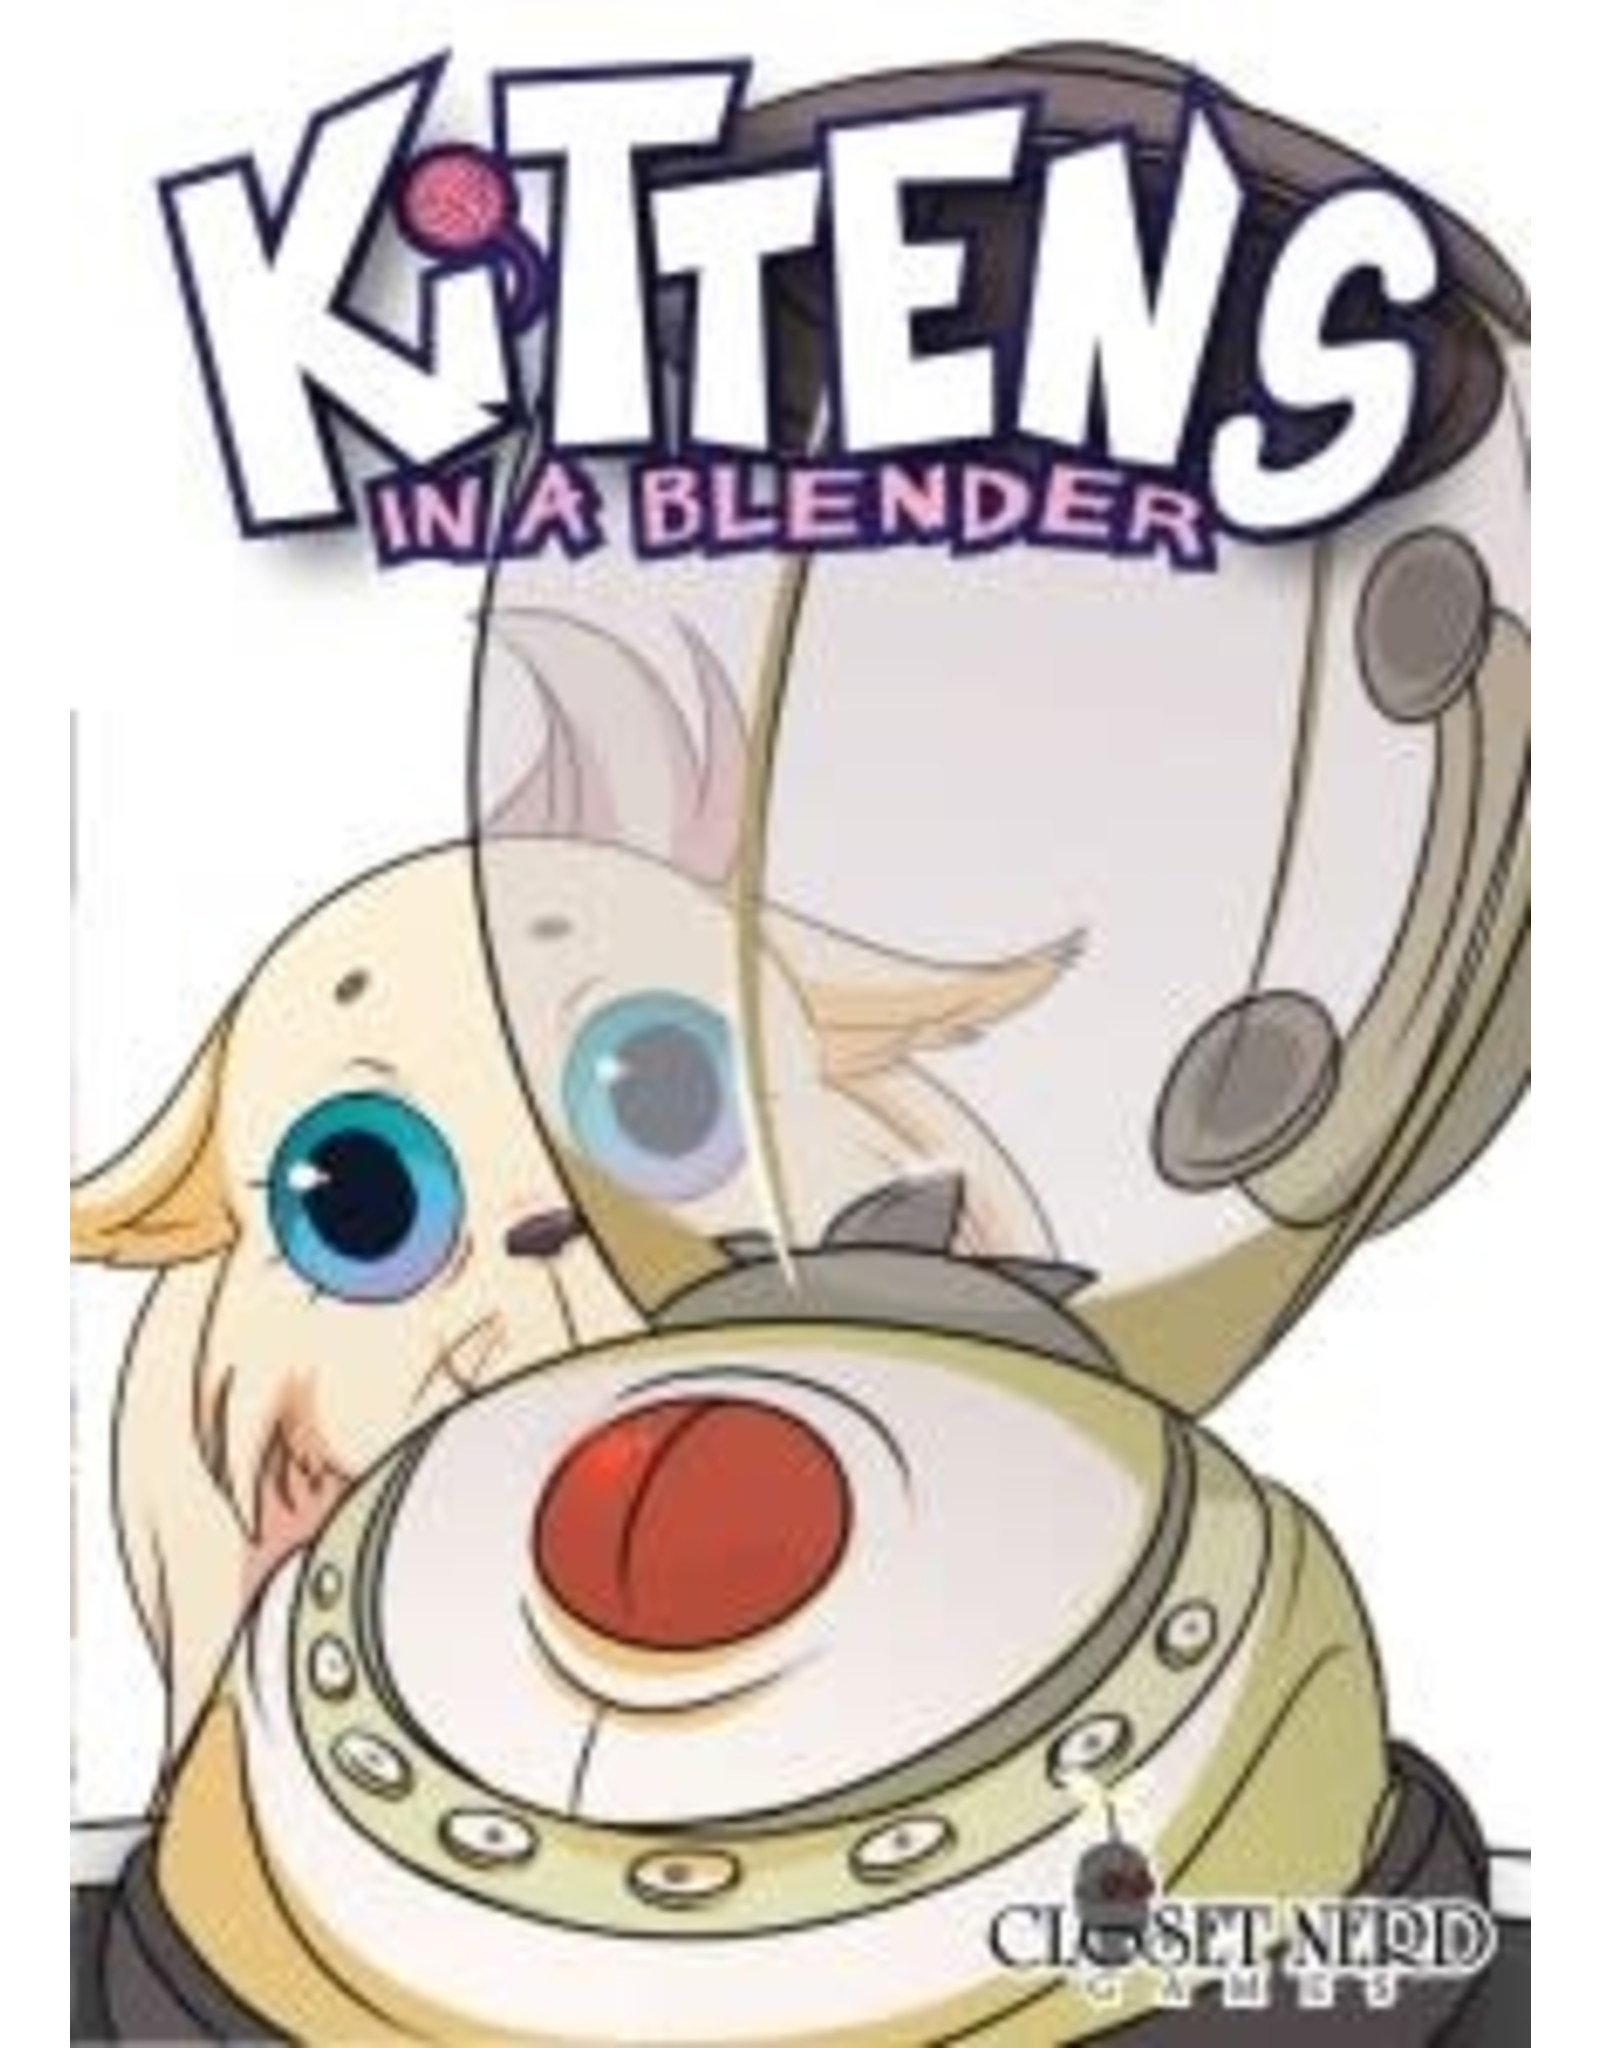 Closet Nerd Kittens in a Blender